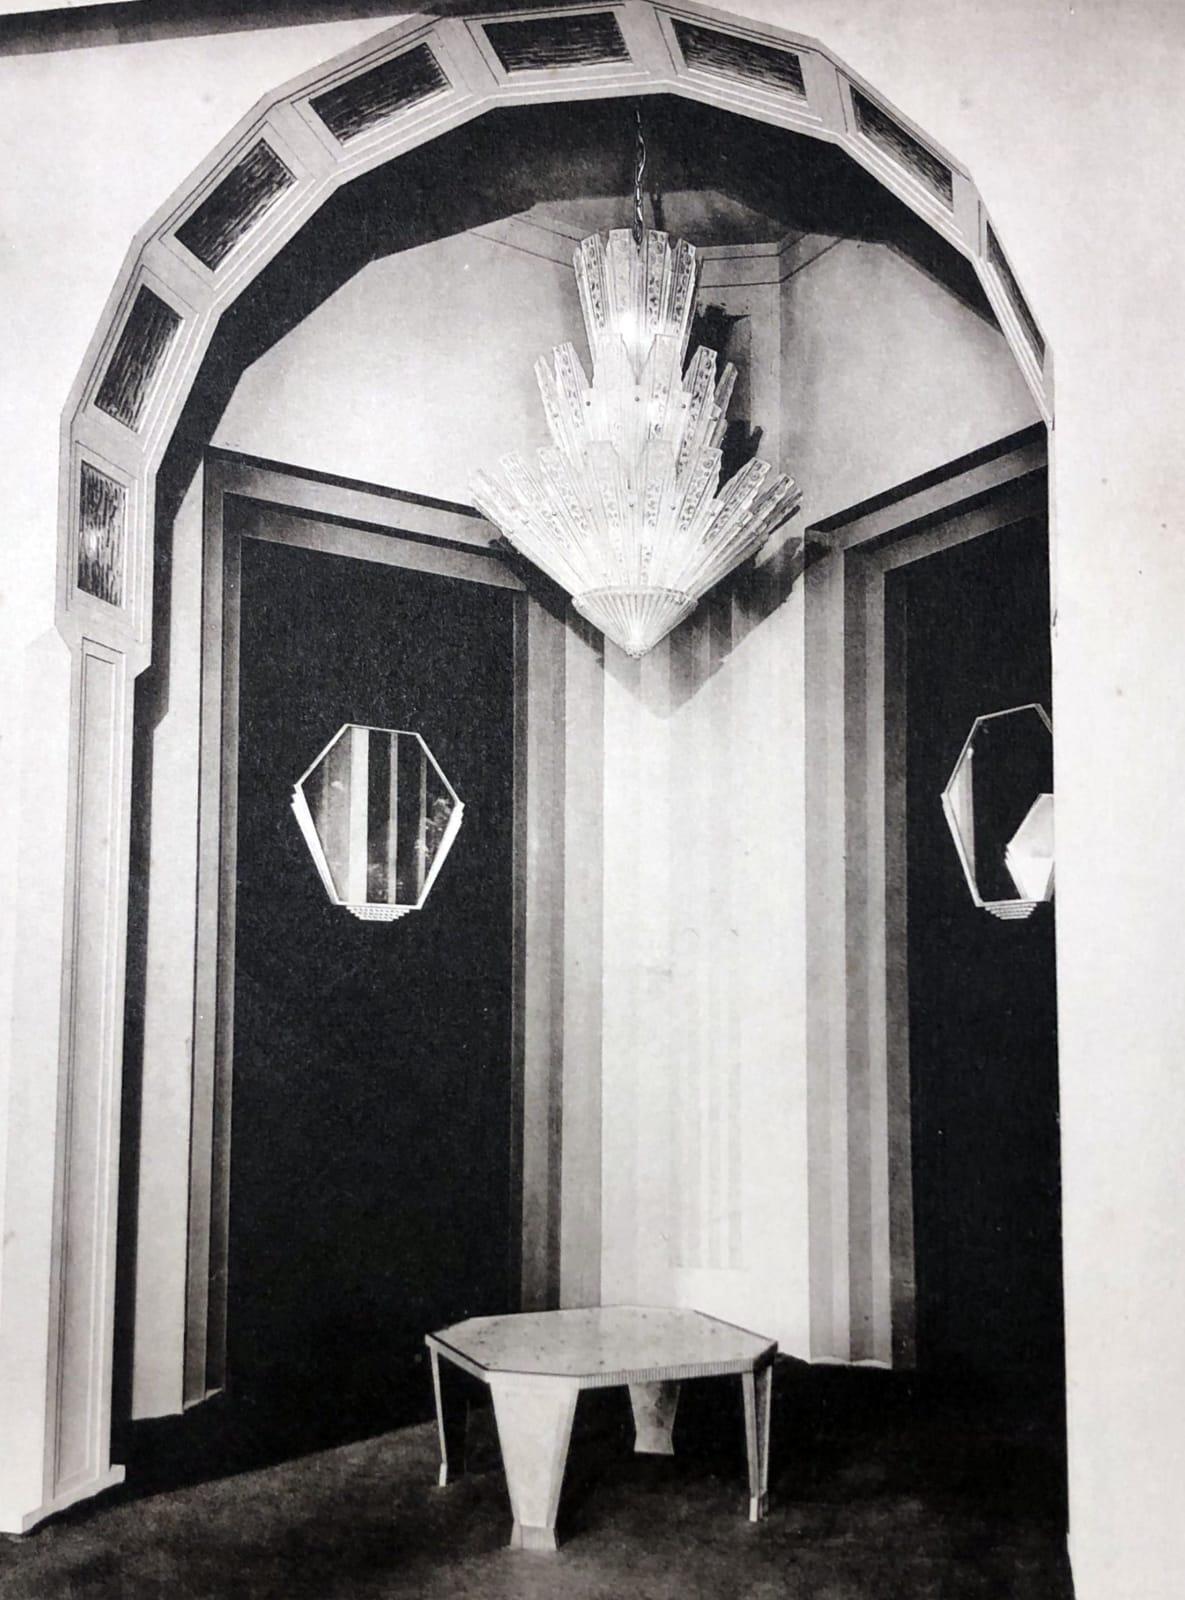 Gran Entrance by Genet et Michon Paris, 1932